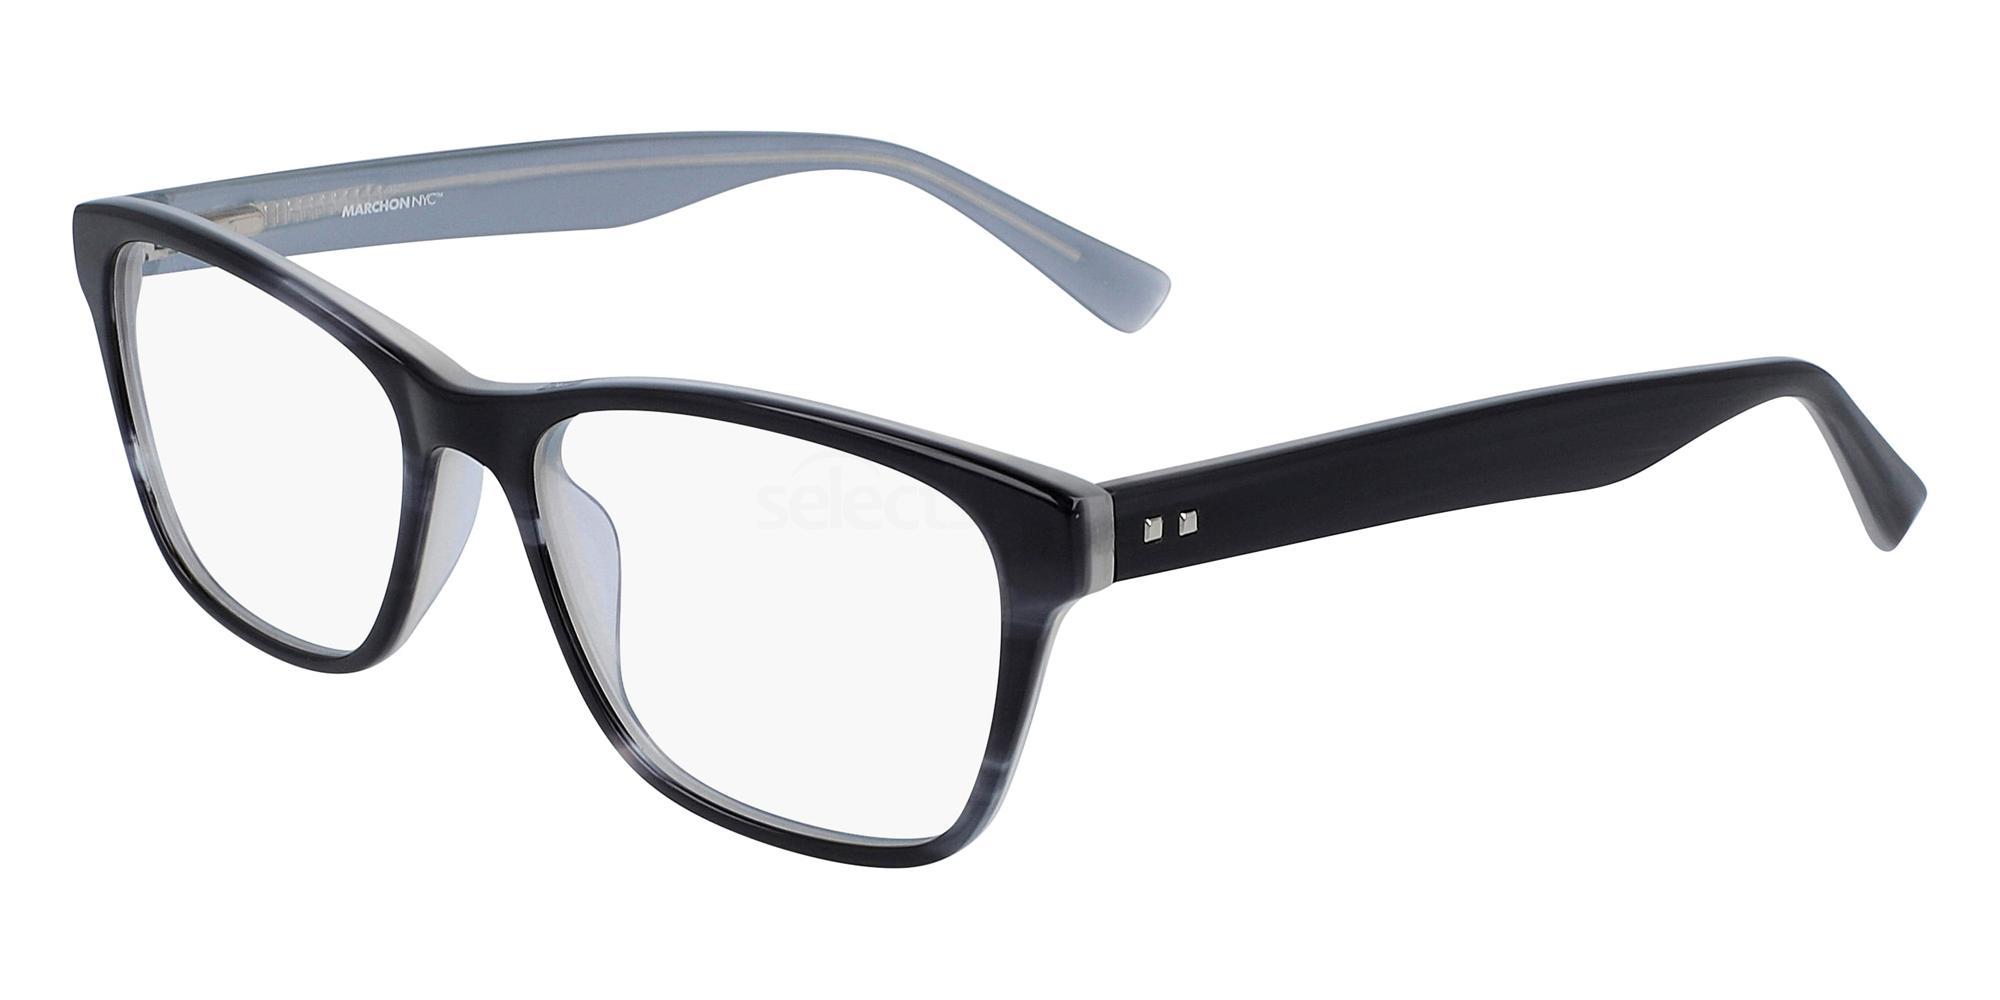 005 M-5500 Glasses, Marchon